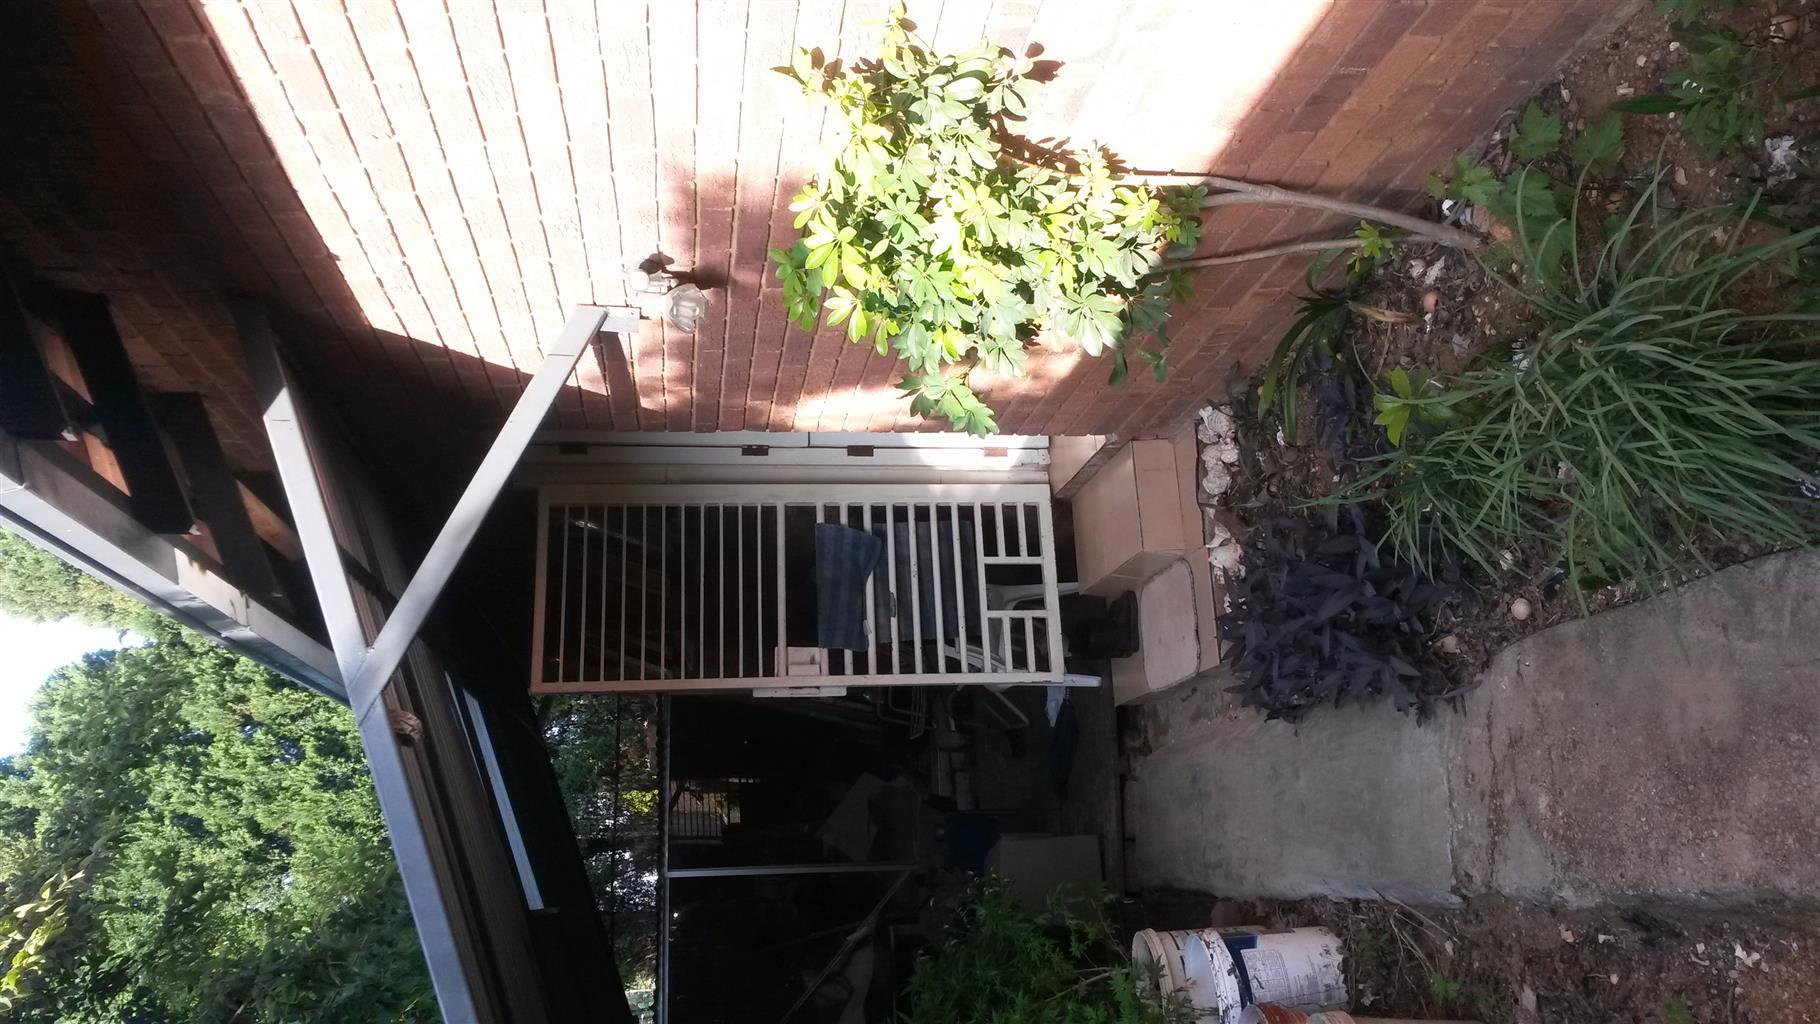 Garden cotage 2bed 2.5 bathr